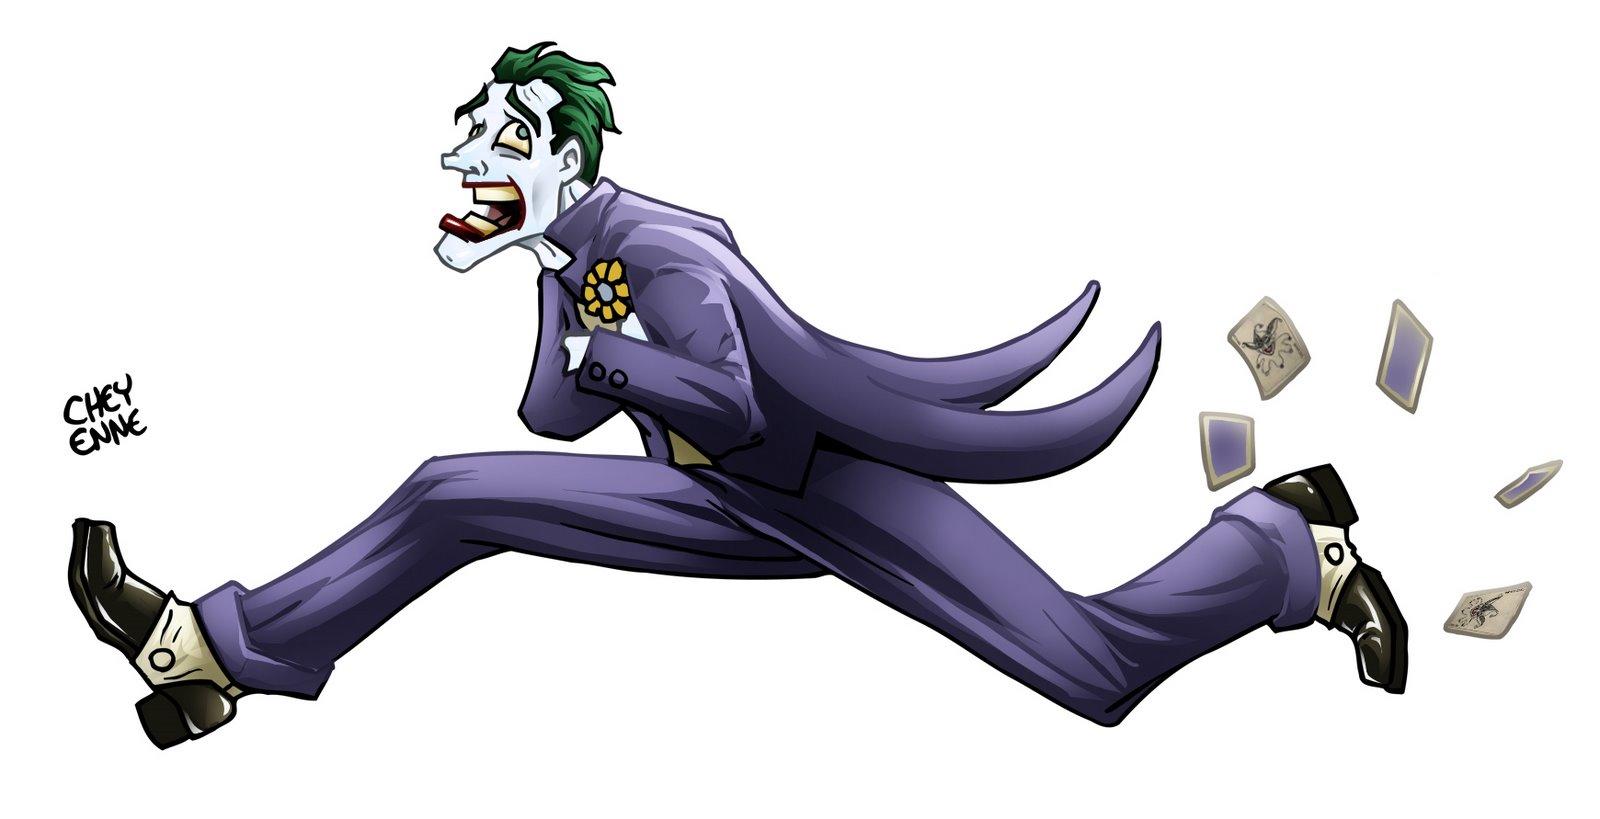 [joker.jpg]